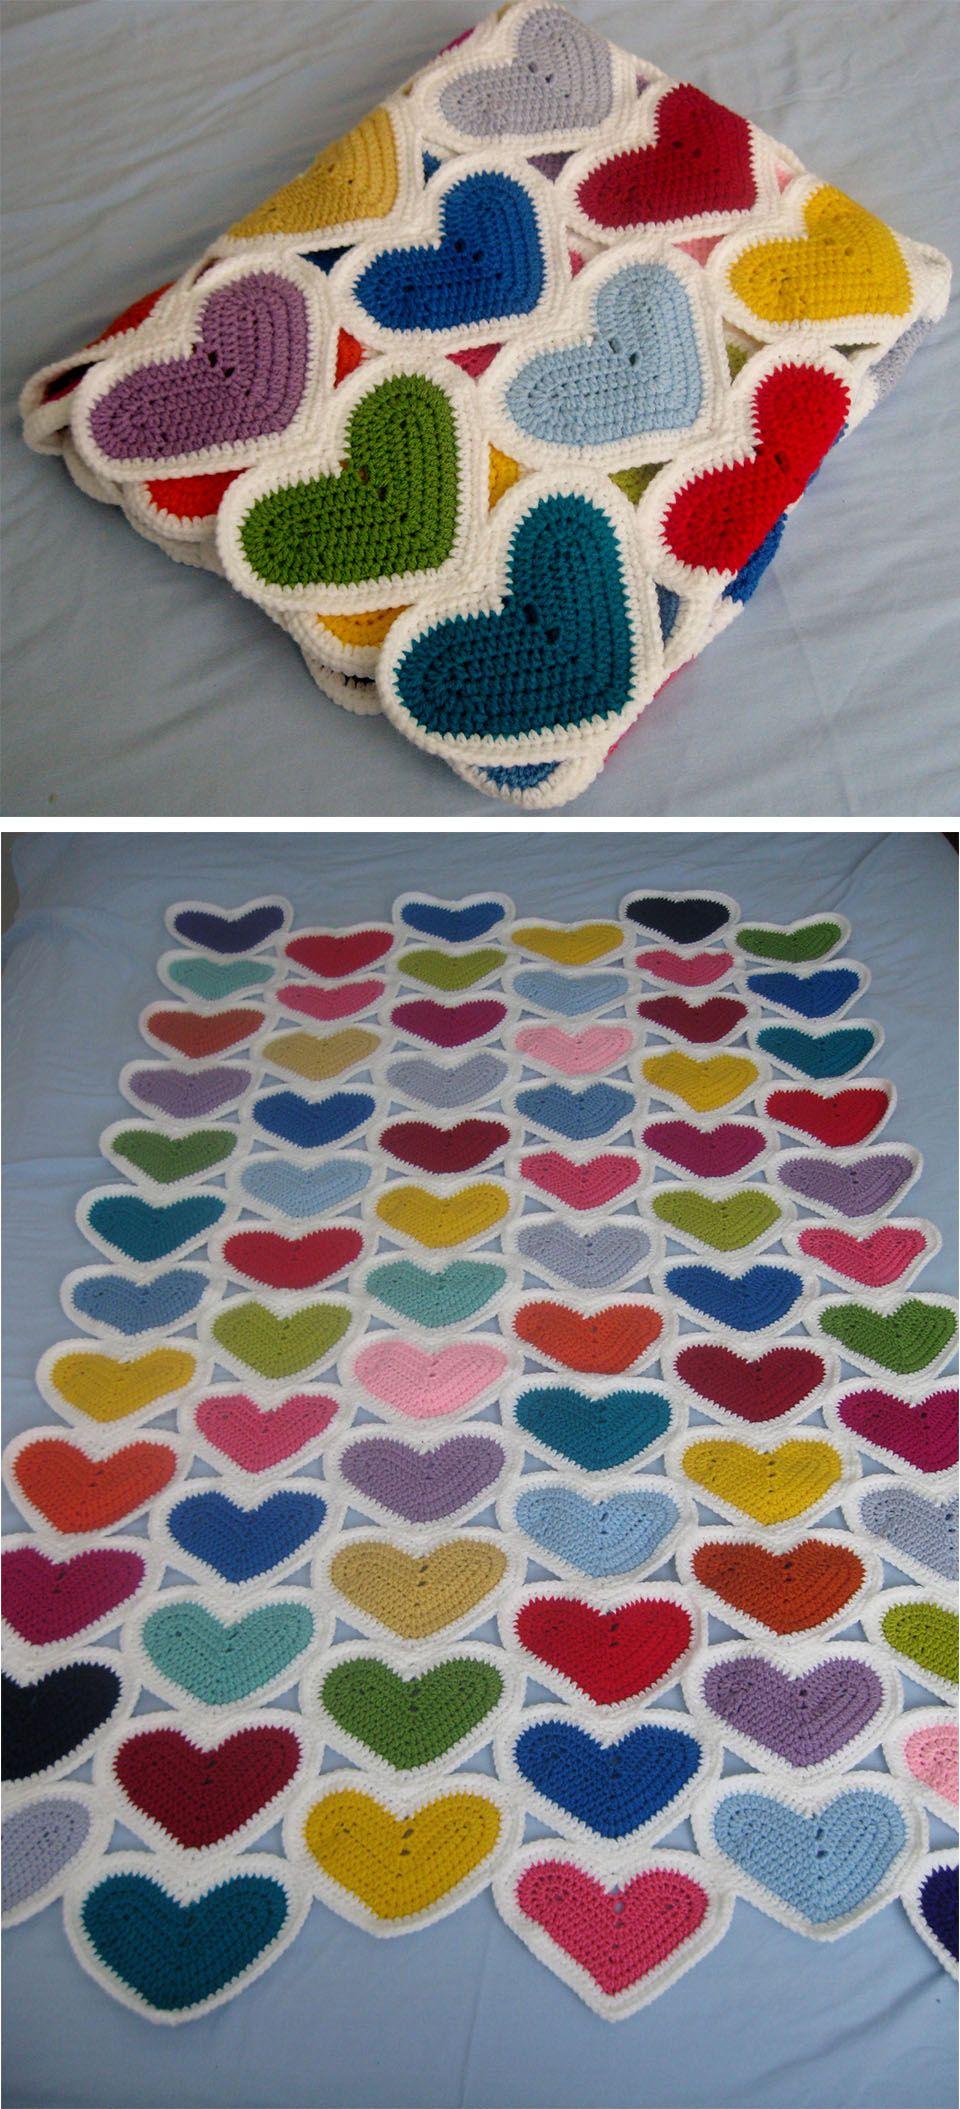 Crochet Hearts Blanket Free Pattern | Crochet blankets, Free crochet ...